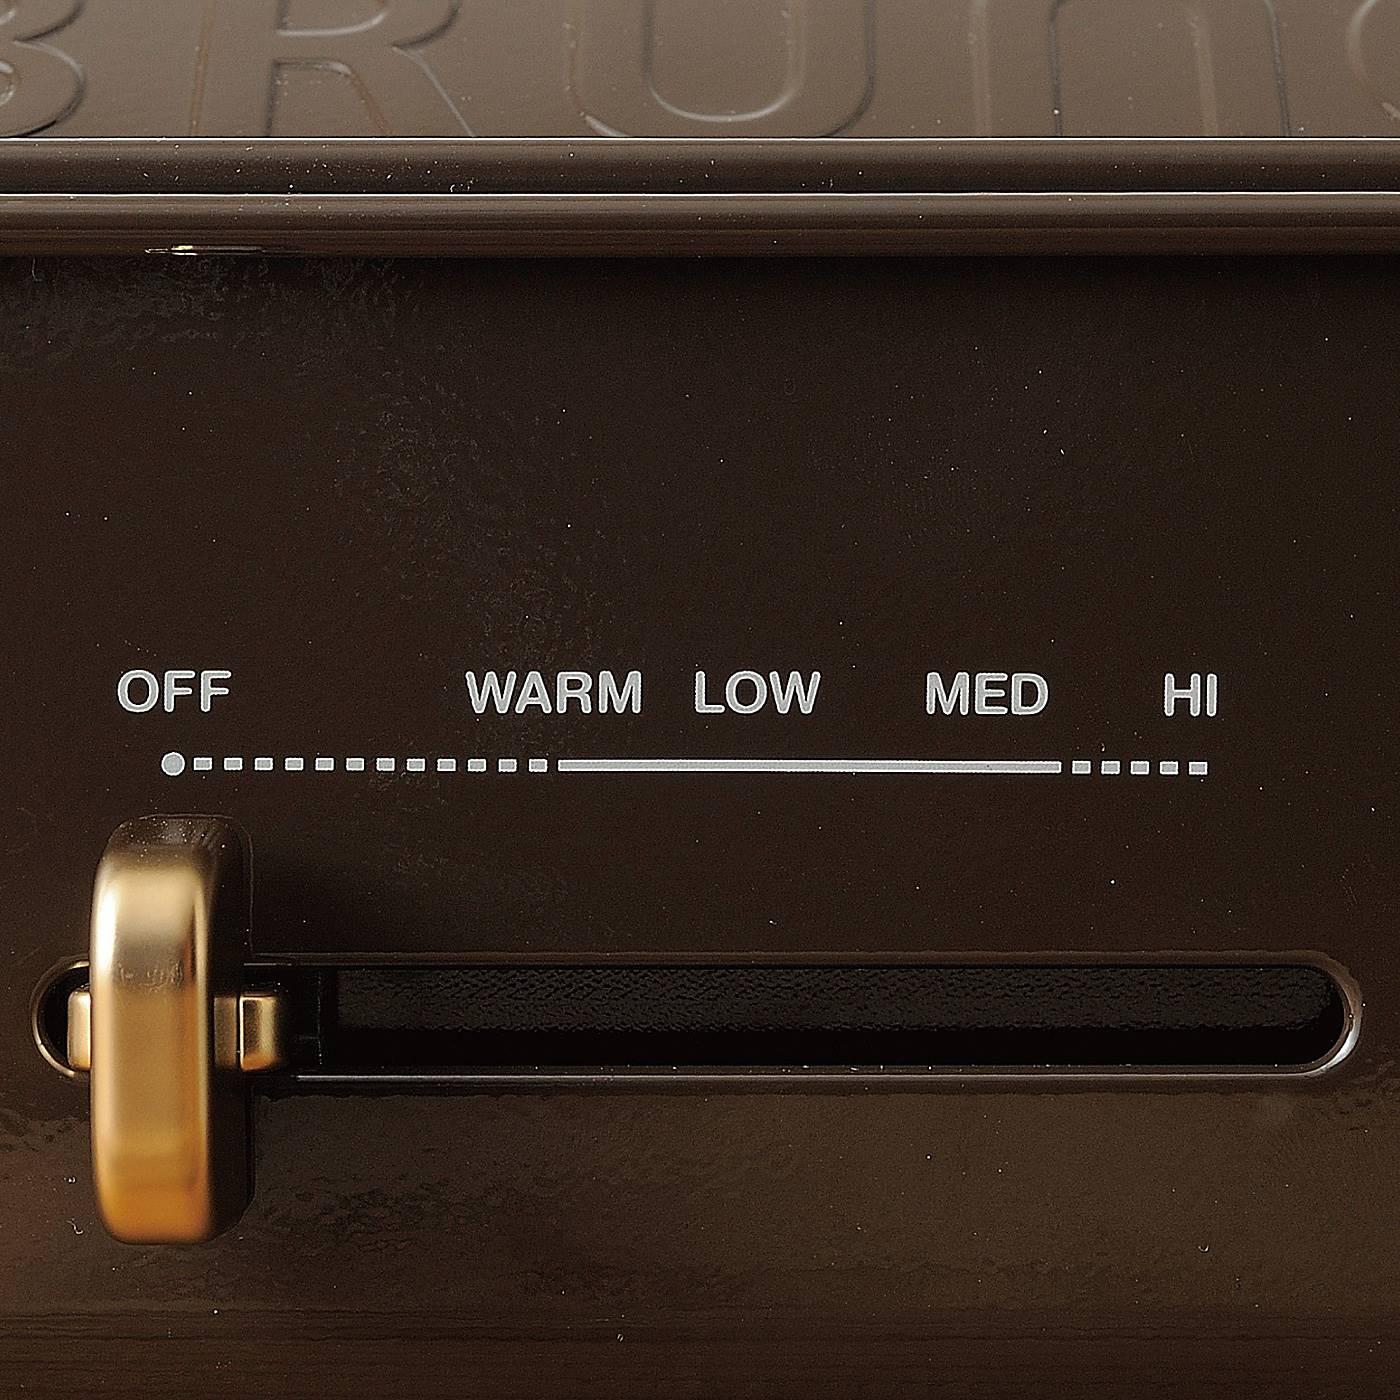 最大250℃のハイパワー調理が可能。お肉もジューシーに焼ける満足な火力です。 ※お届けするカラーとは異なります。